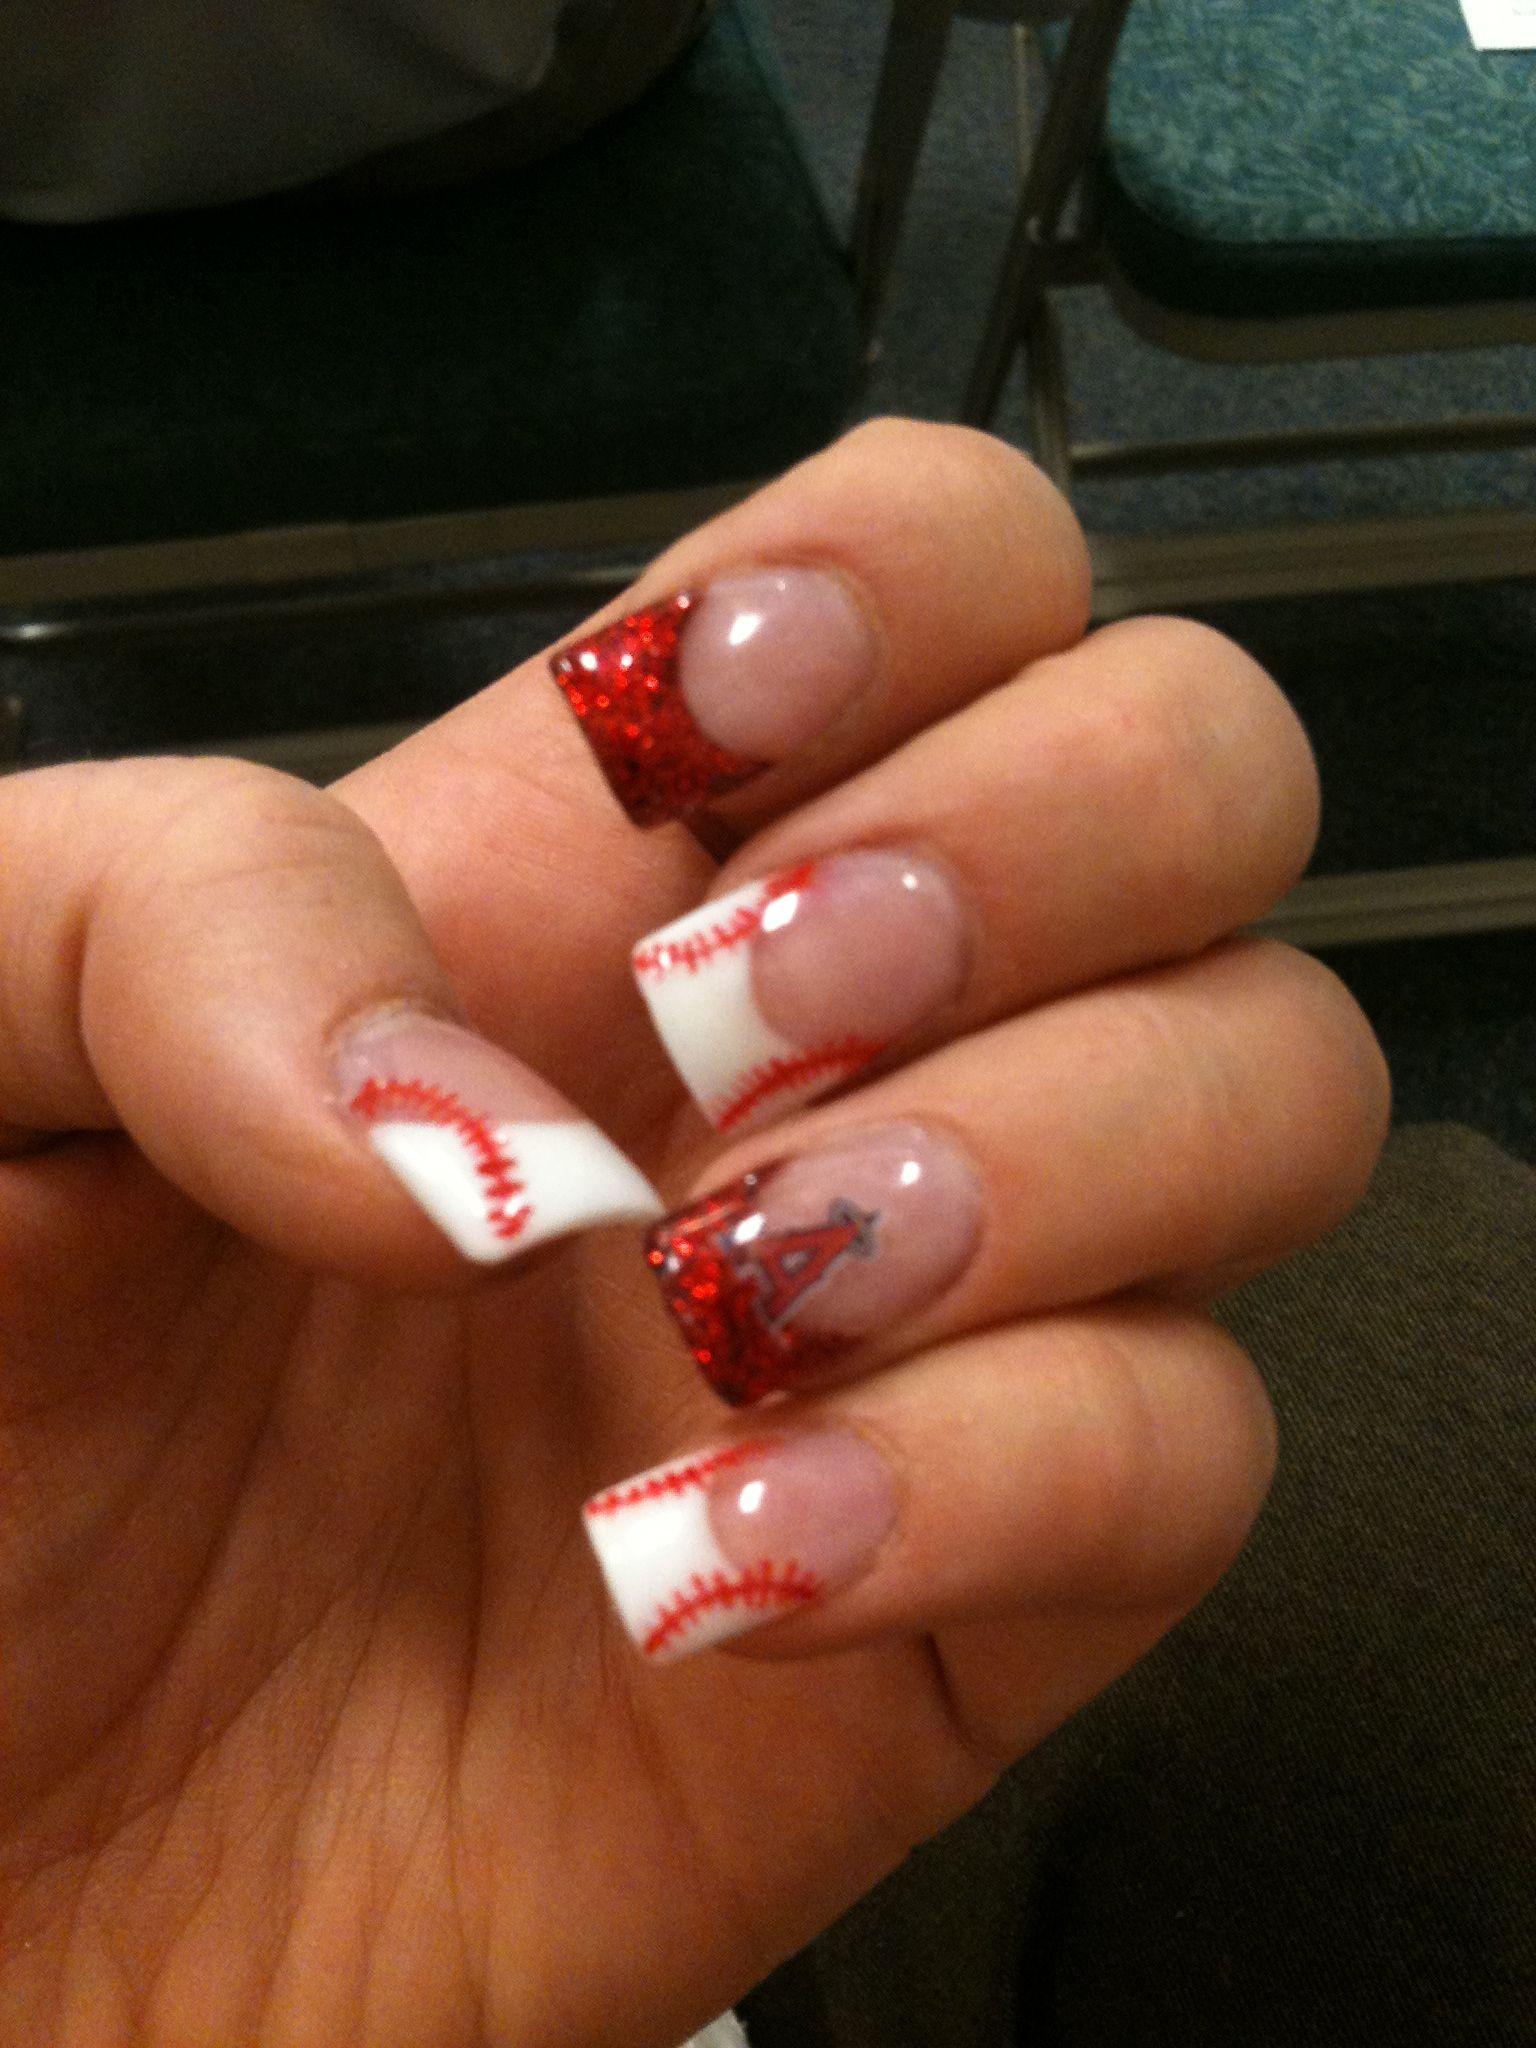 Angels Baseball nails... I would so do this. Lol | Nails | Pinterest ...